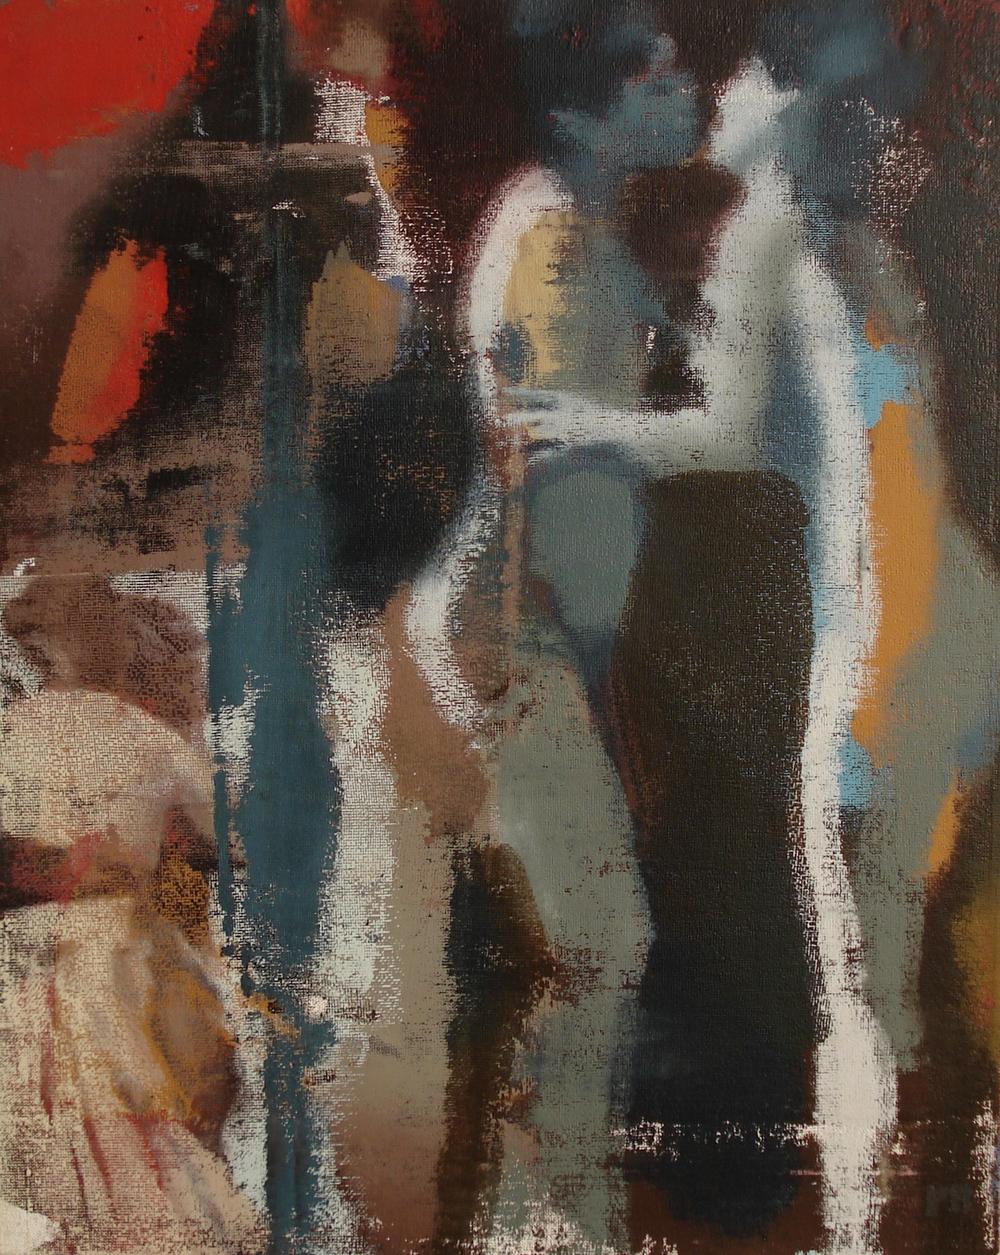 """Fire, Oil on Linen on Panel, 2010, 30"""" x 24"""""""